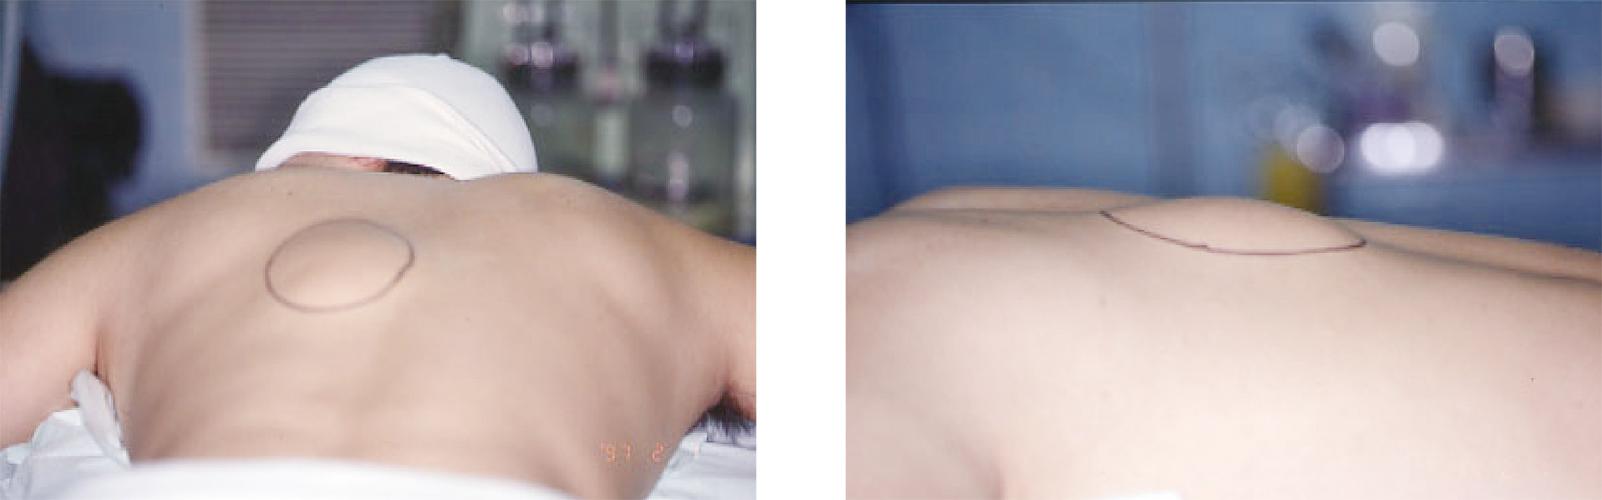 シリーズ呼吸器外科2.1_縦隔腫瘍12